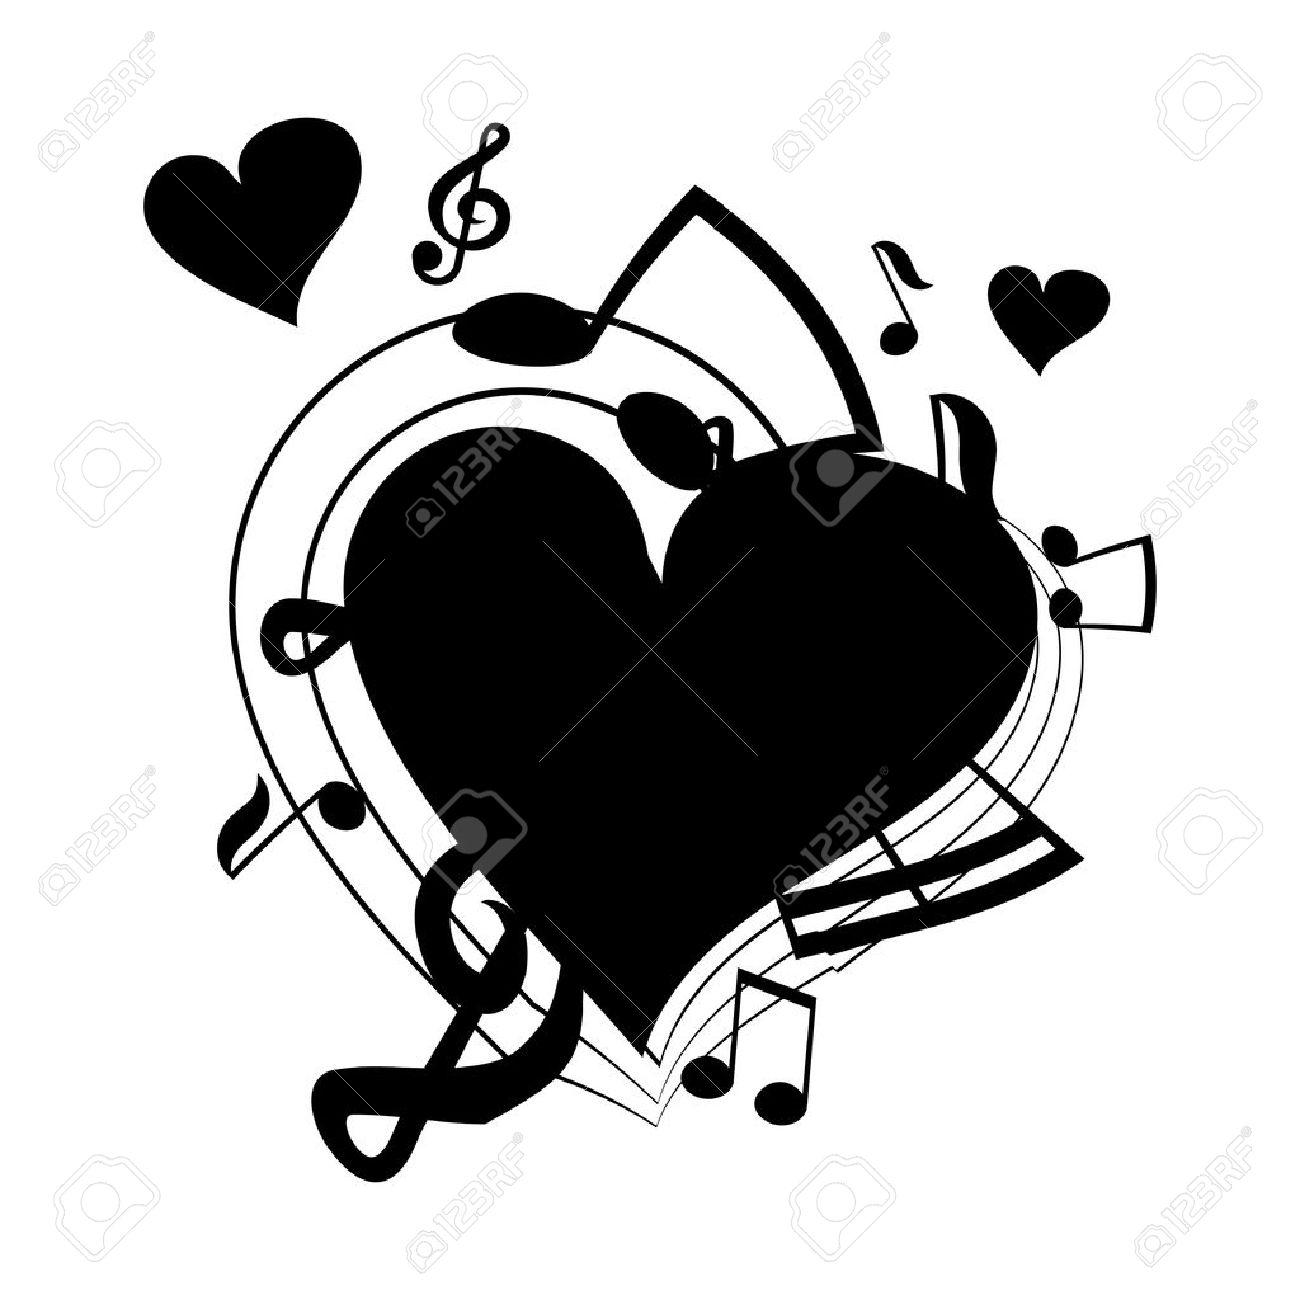 Ilustración Vectorial De Corazón Las Notas Musicales Ilustraciones